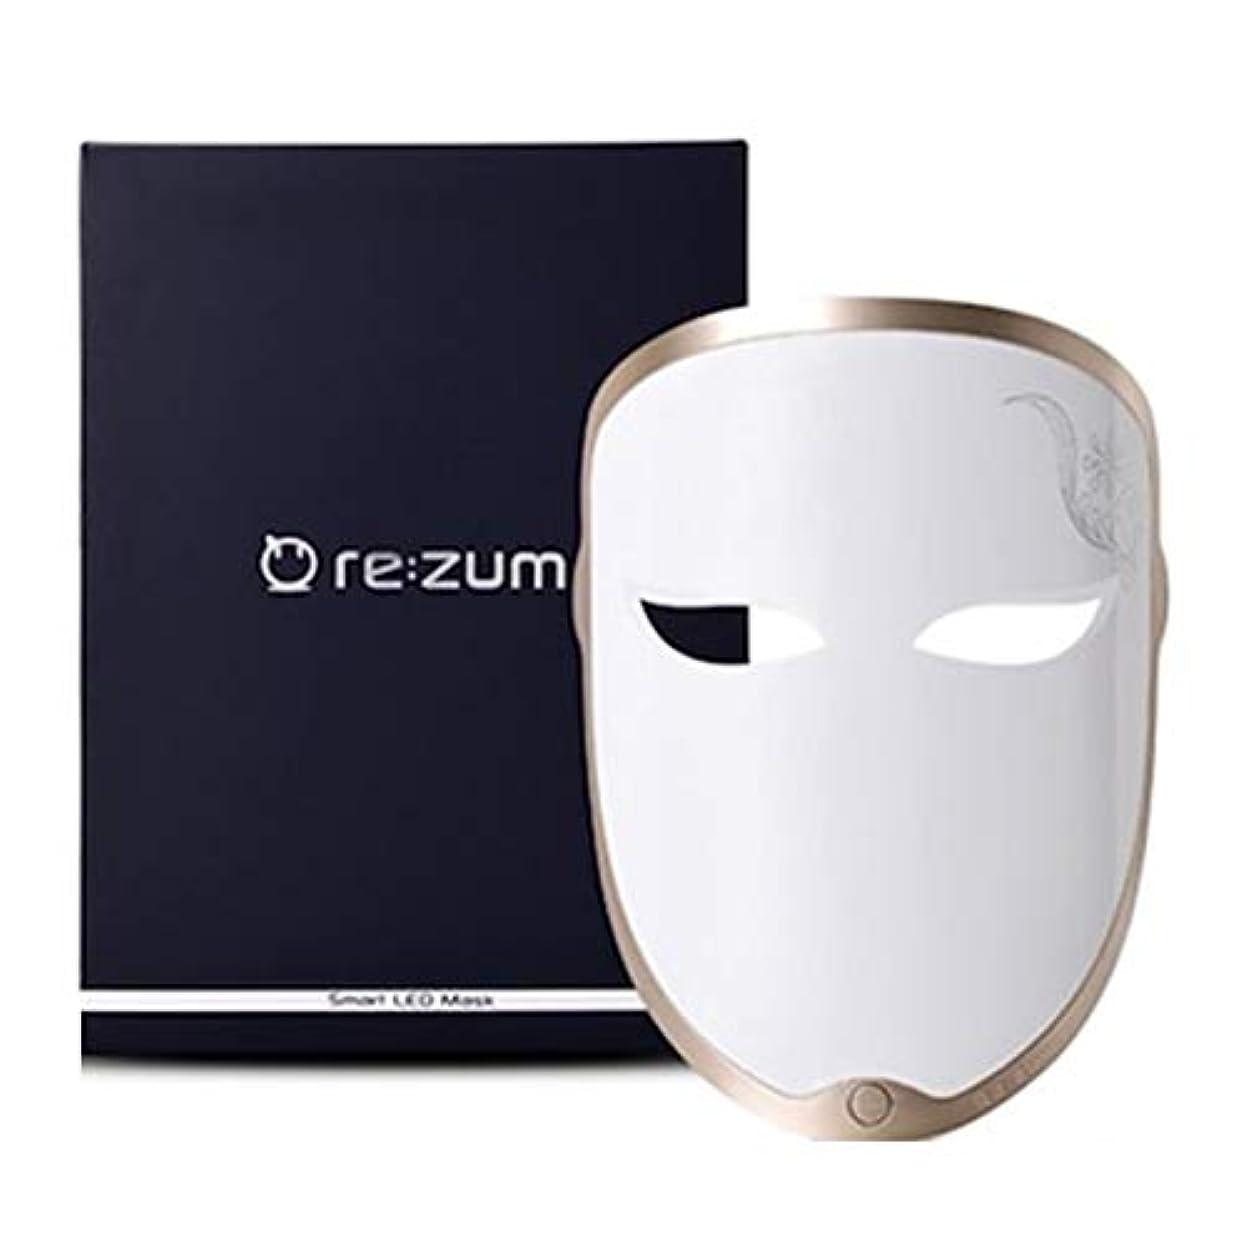 とげのある縮れたうんざりREZUM LEDスマートレインボーマスクセルフスキンケア5波長モードホームケア美容機器 USB充電 LED Smart Rainbow Led Mask Self Skin Care 5 Wave Length Mode...